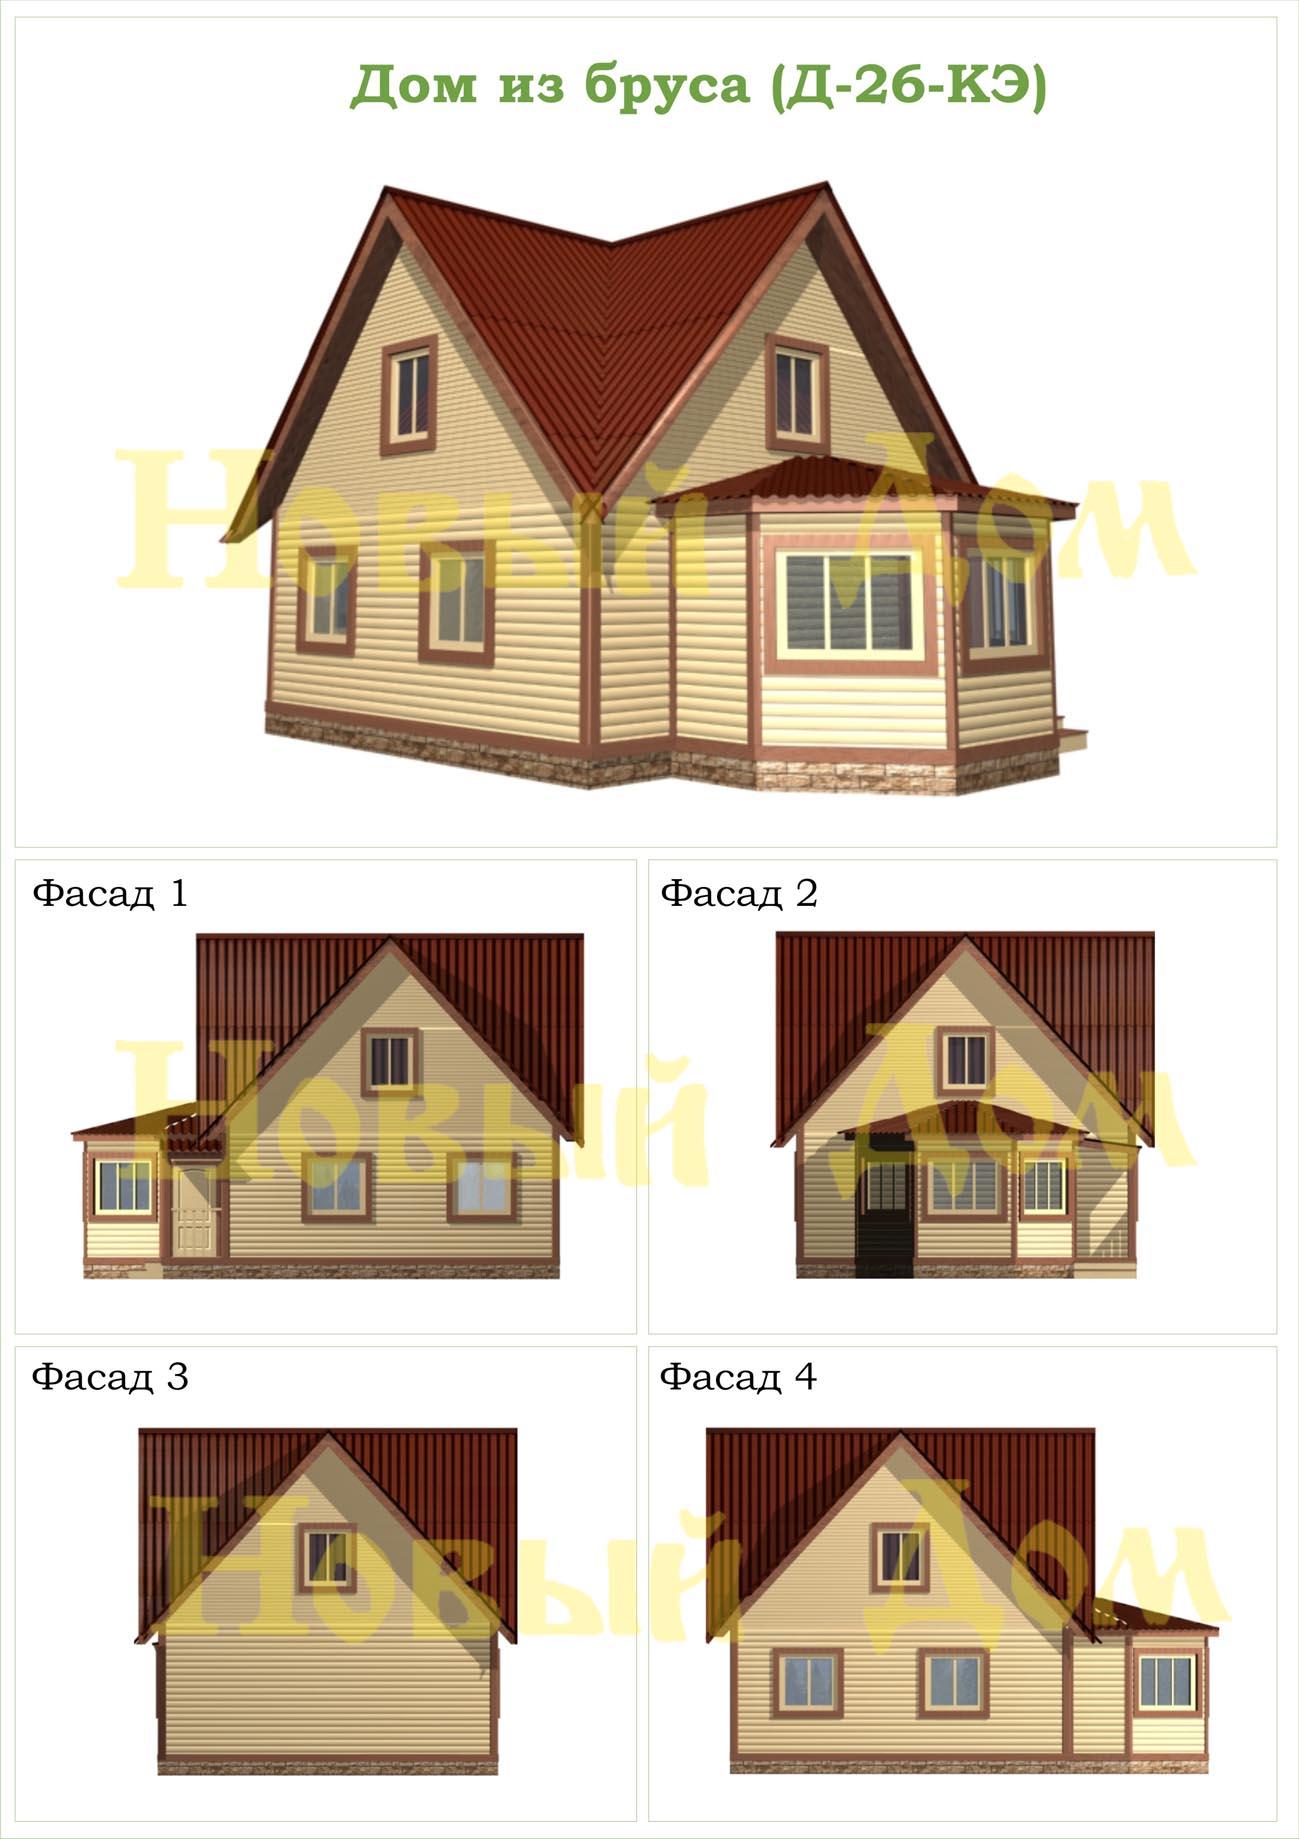 Проект дома Д-26-КЭ фасад